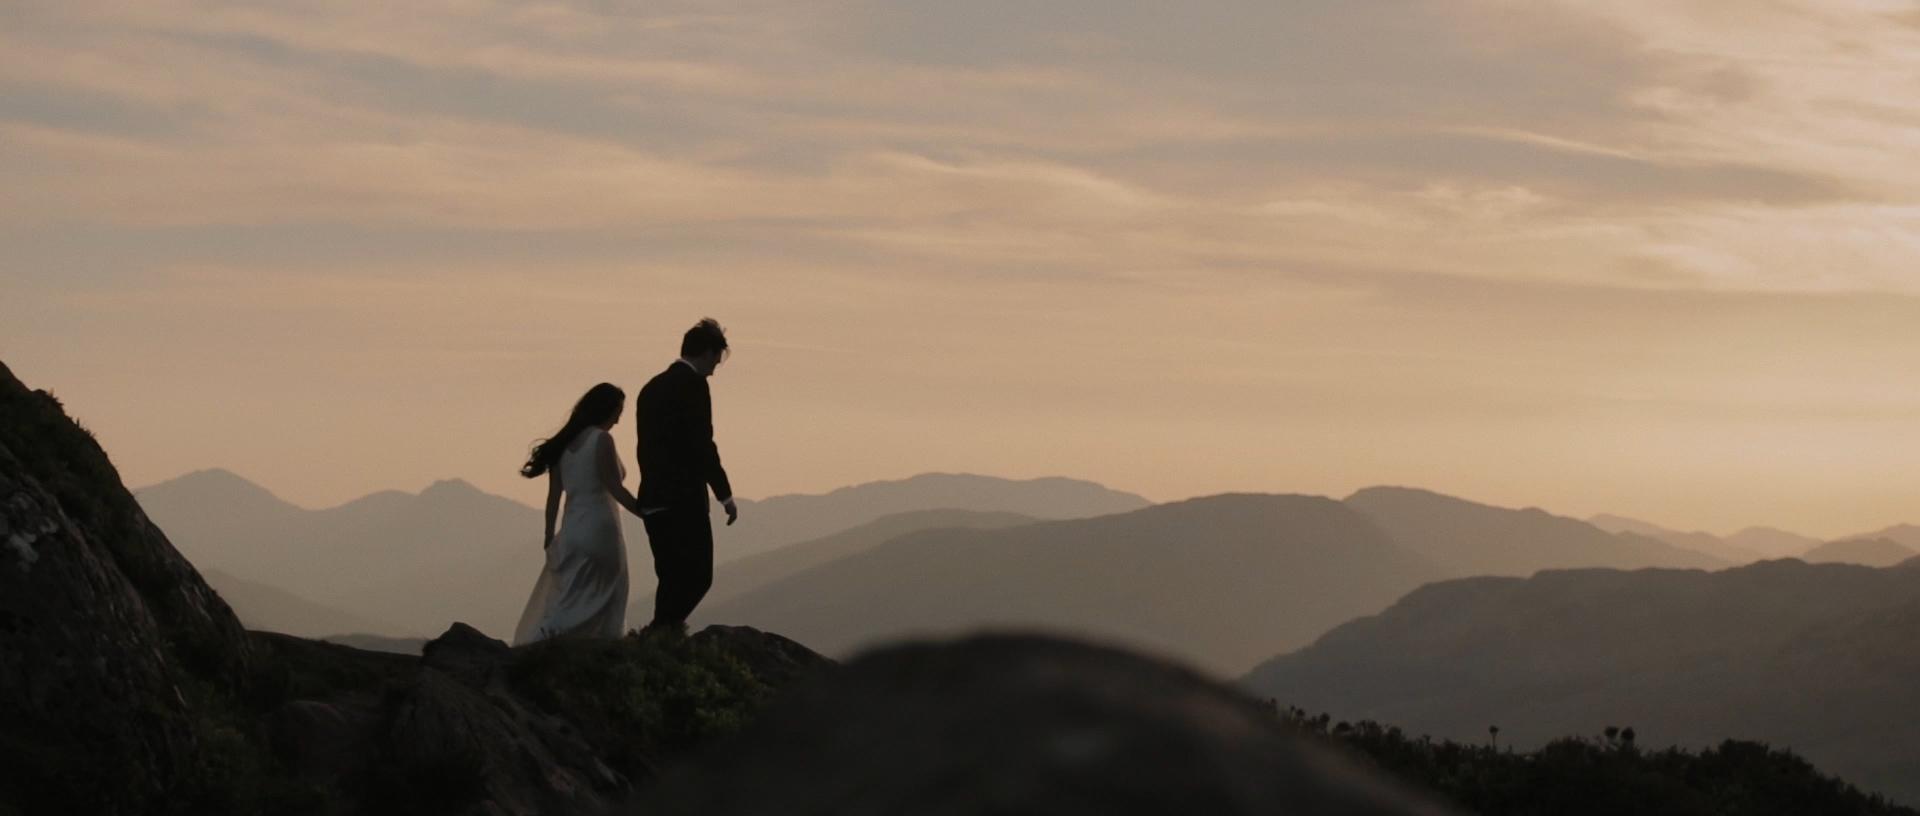 boclair-house-wedding-videographer_LL_01.jpg